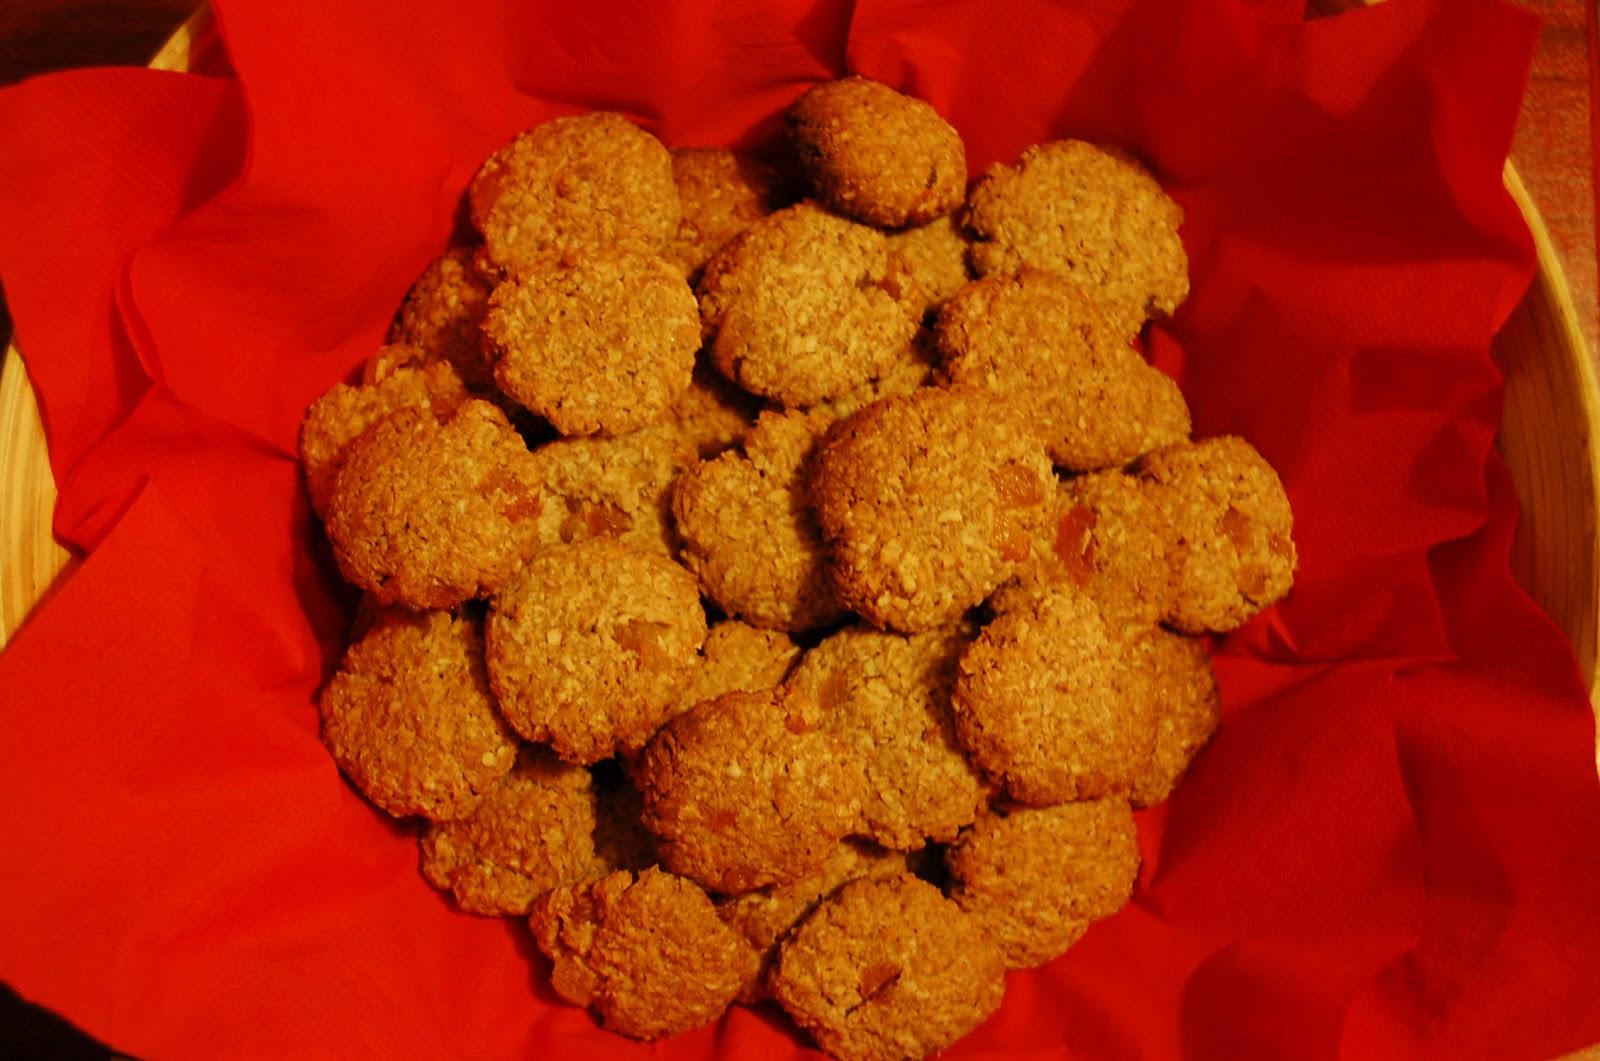 lieknėjimo sausainiai malta jautiena, norint numesti svorio